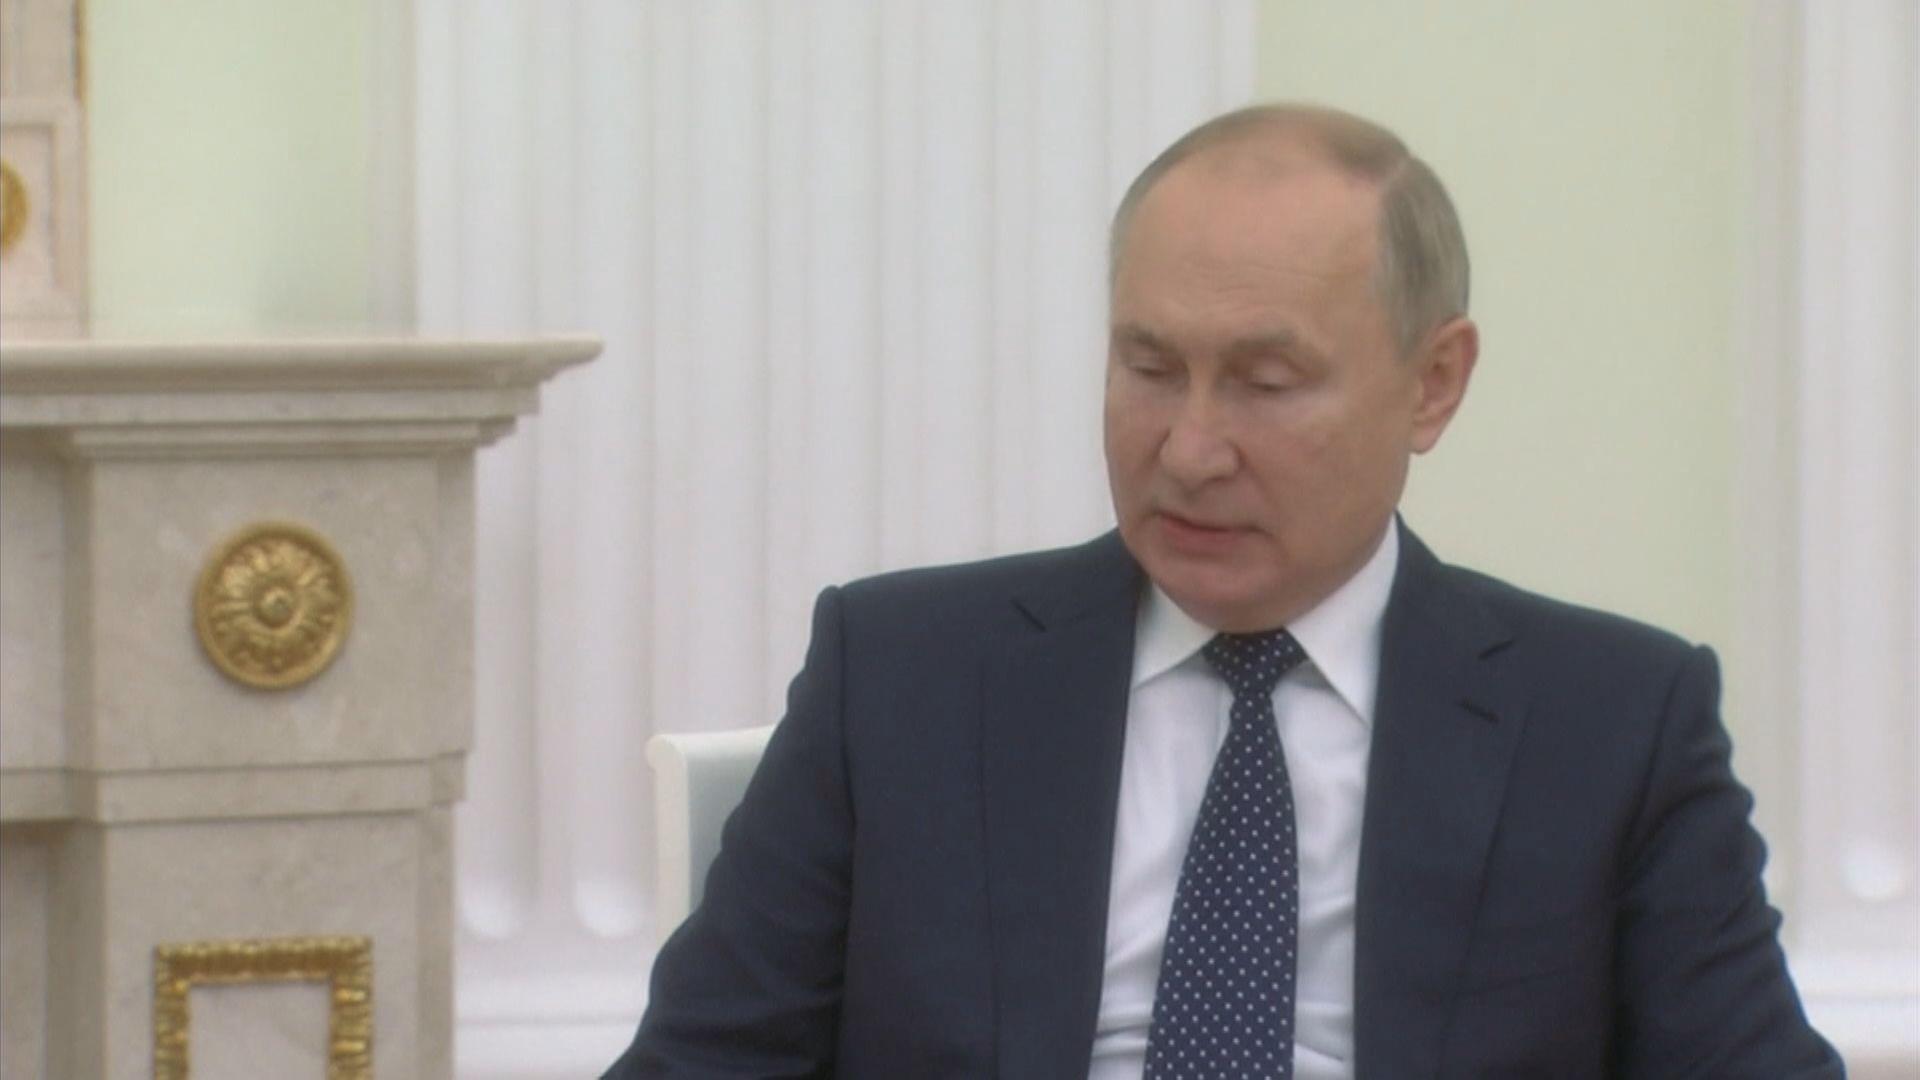 隨扈確診新冠 俄羅斯總統普京自我隔離